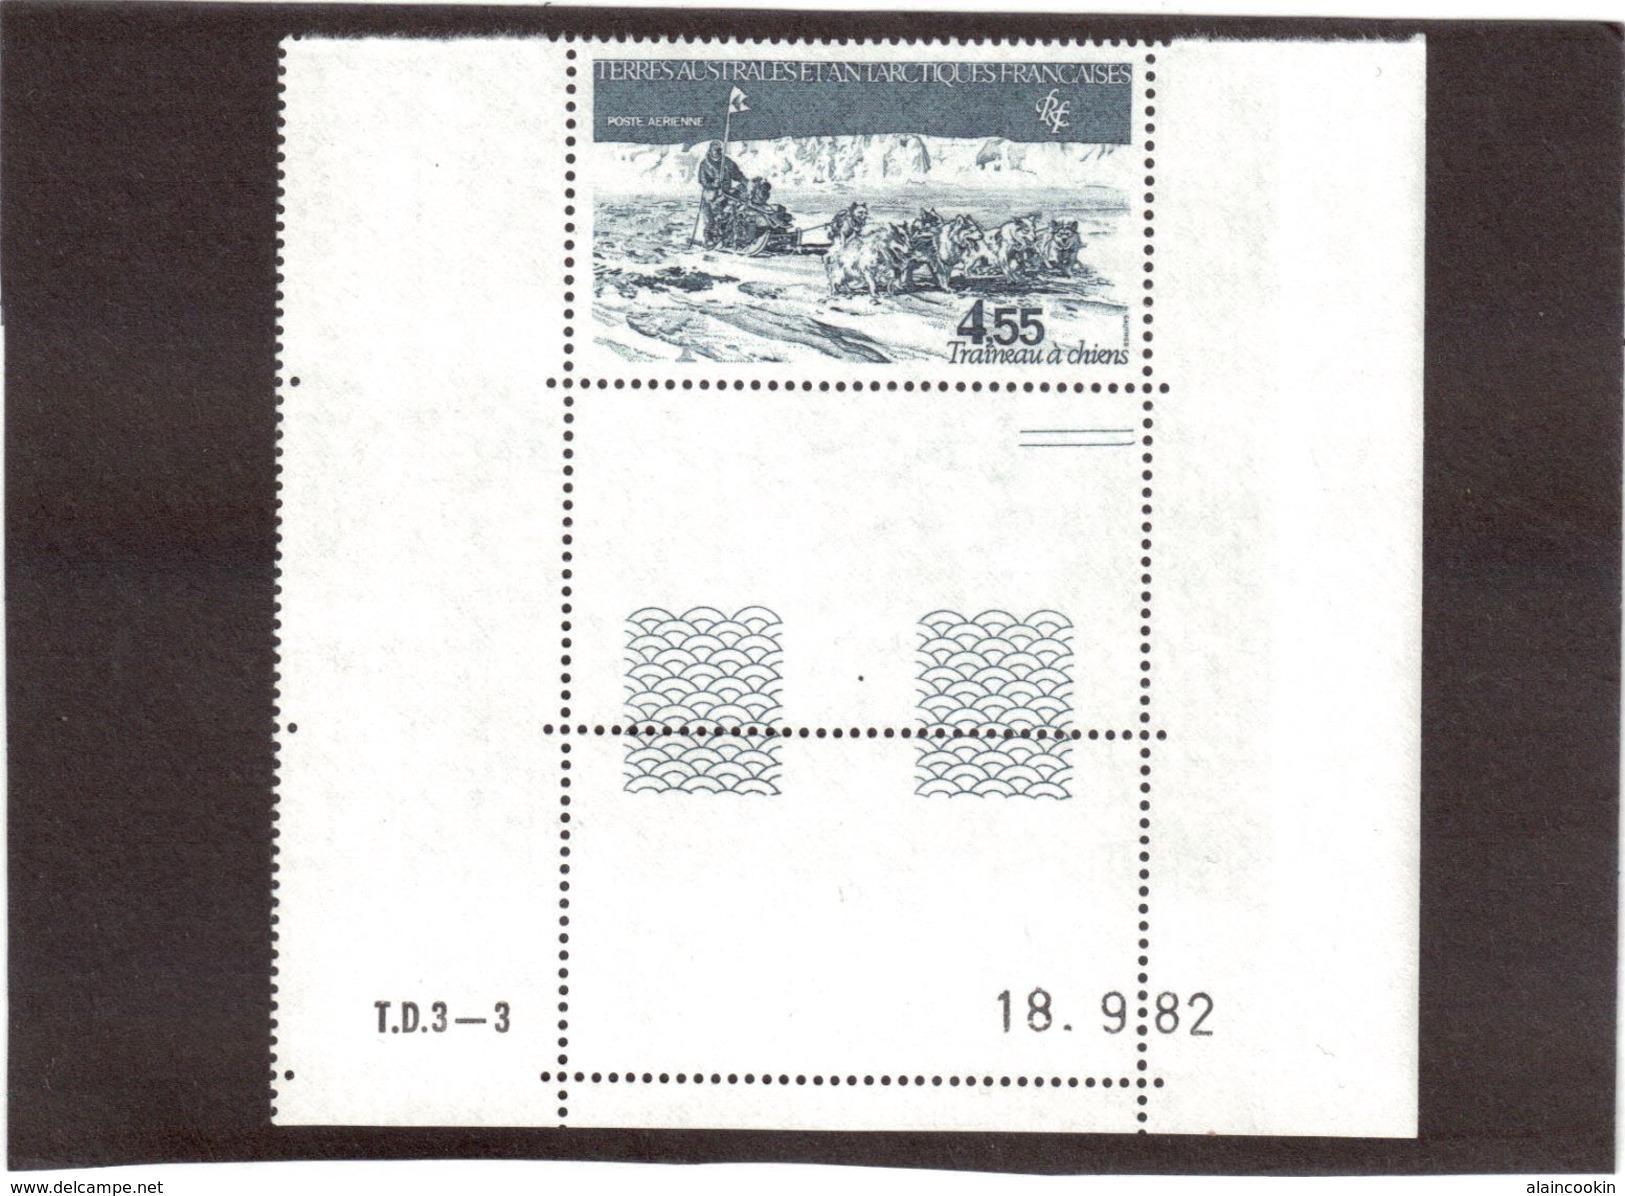 E4 - TAAF Timbre PA 74** De 1982 Traineau à Chiens. Superbe Présentation. - Terres Australes Et Antarctiques Françaises (TAAF)